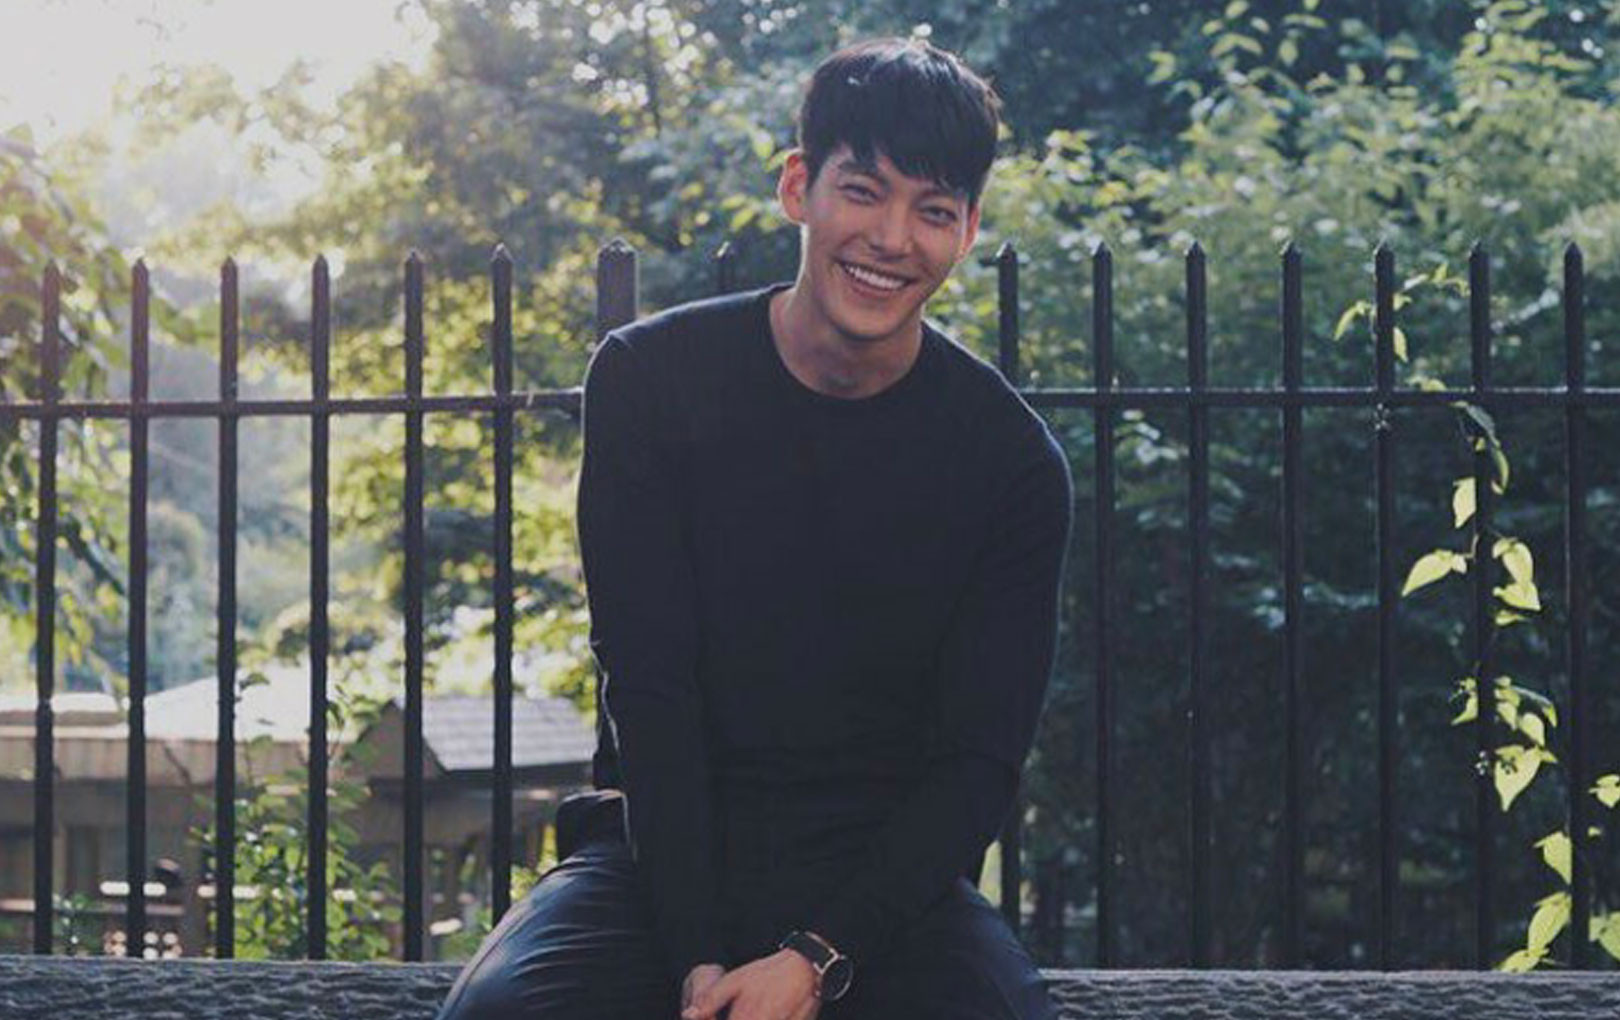 Tan chảy với loạt ảnh Kim Woo Bin tươi cười rạng rỡ giữa lúc điều trị ung thư khiến fan ấm lòng